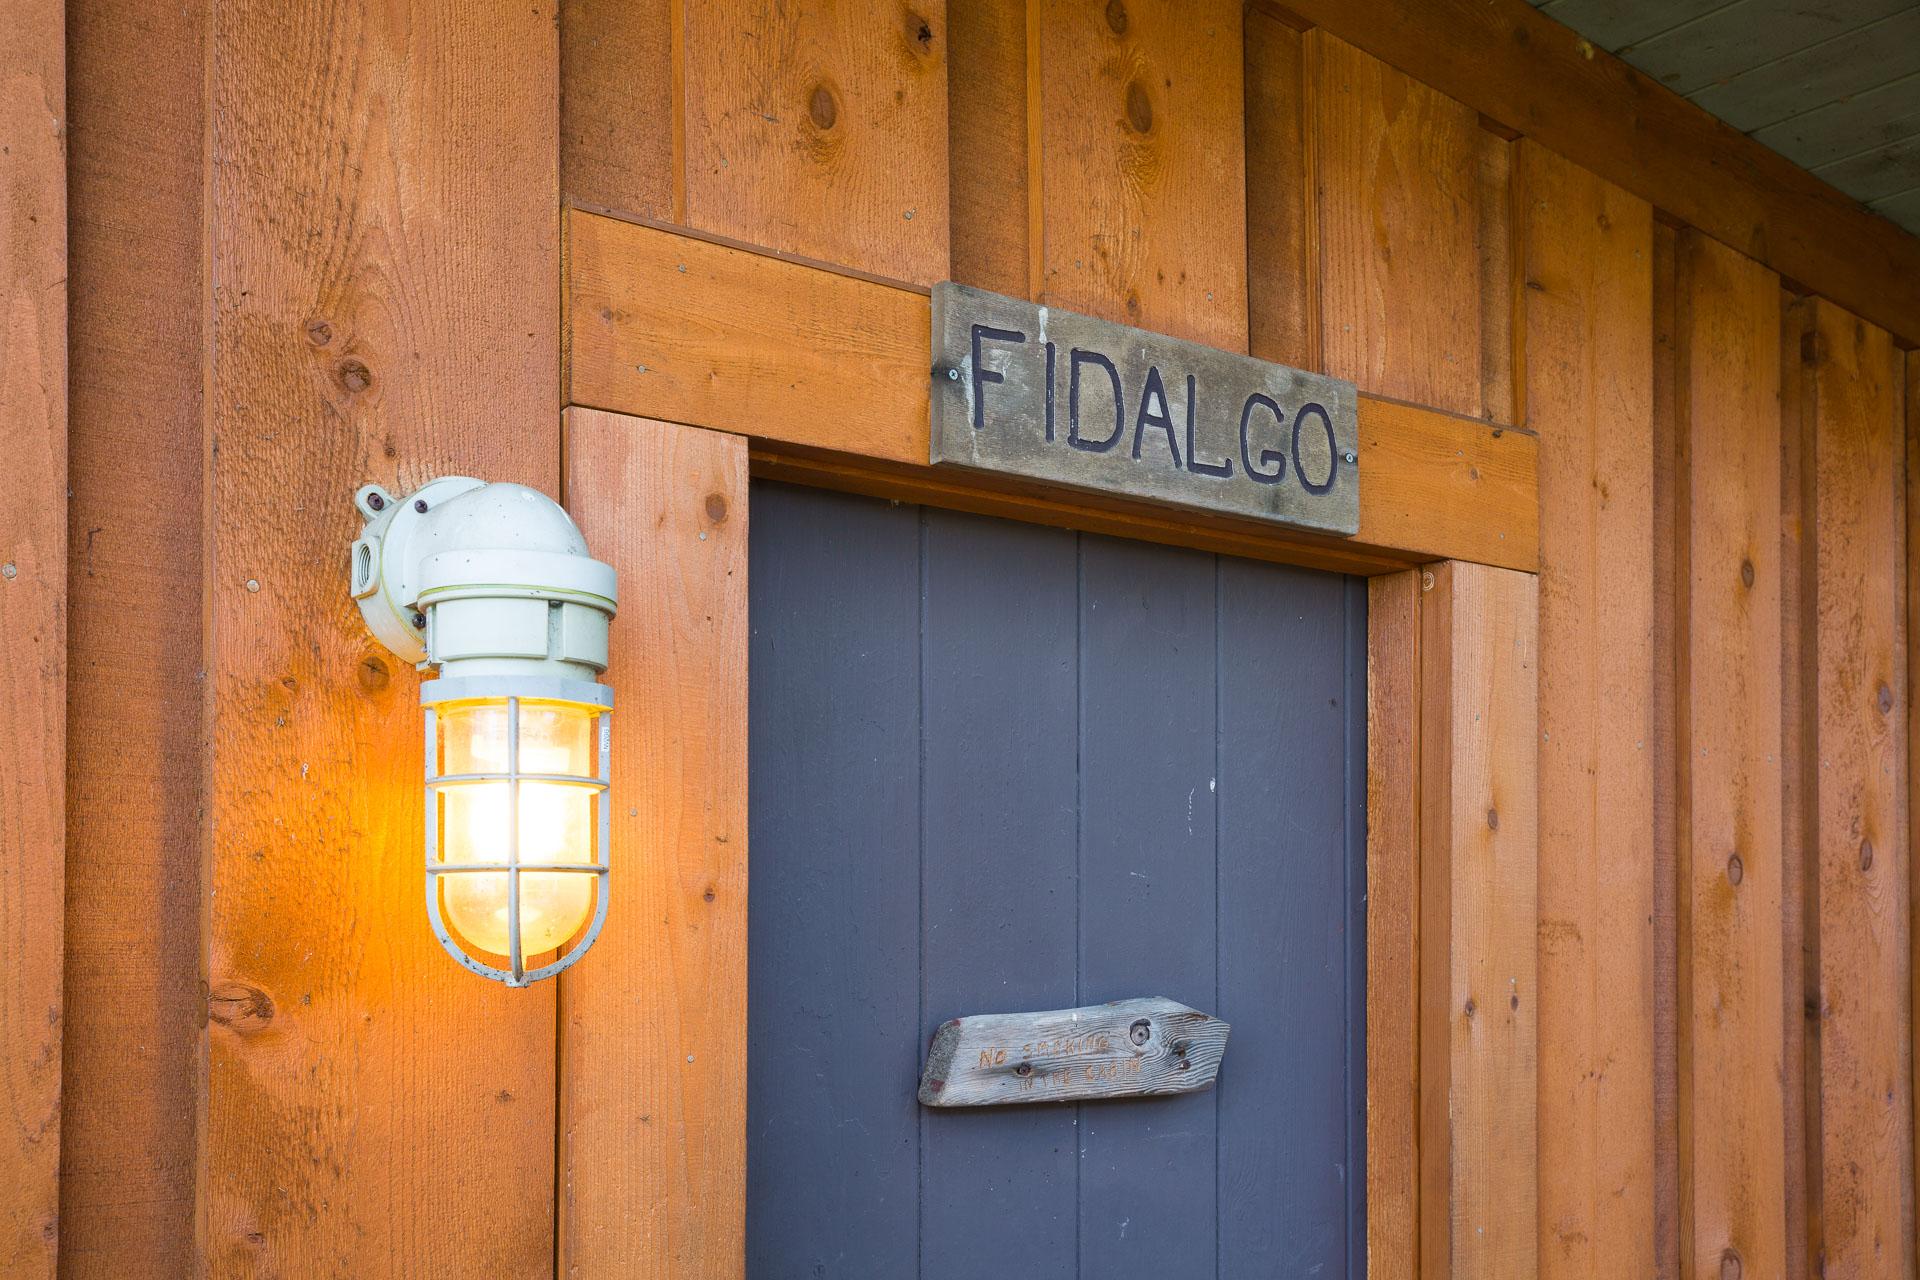 Fidalgo 6-1.jpg